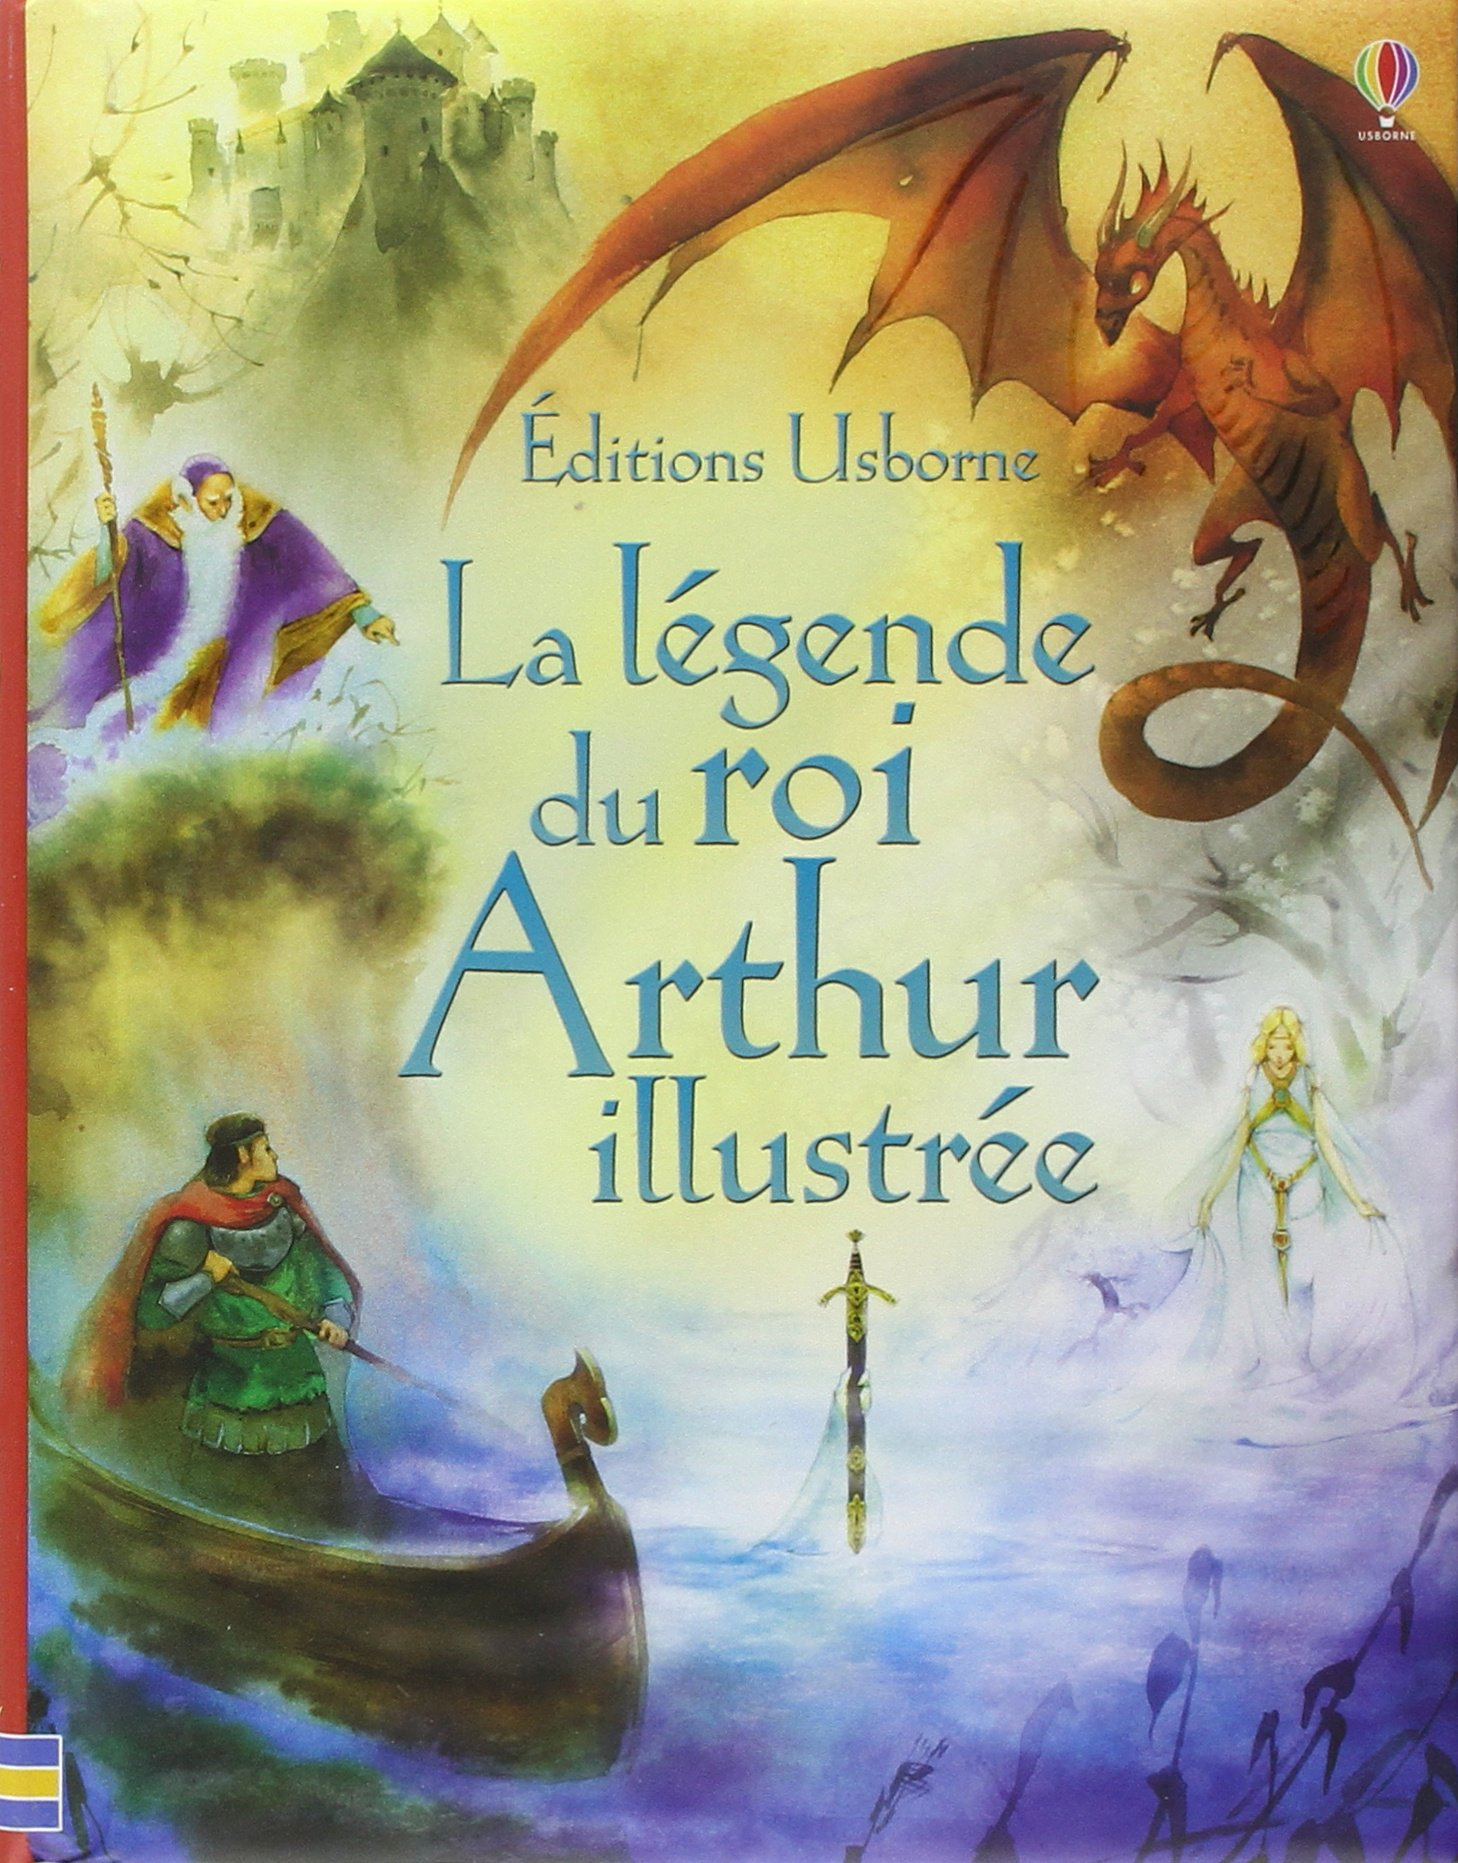 La l gende du roi arthur illustr e sarah courtauld - Contes et legendes des chevaliers de la table ronde resume ...